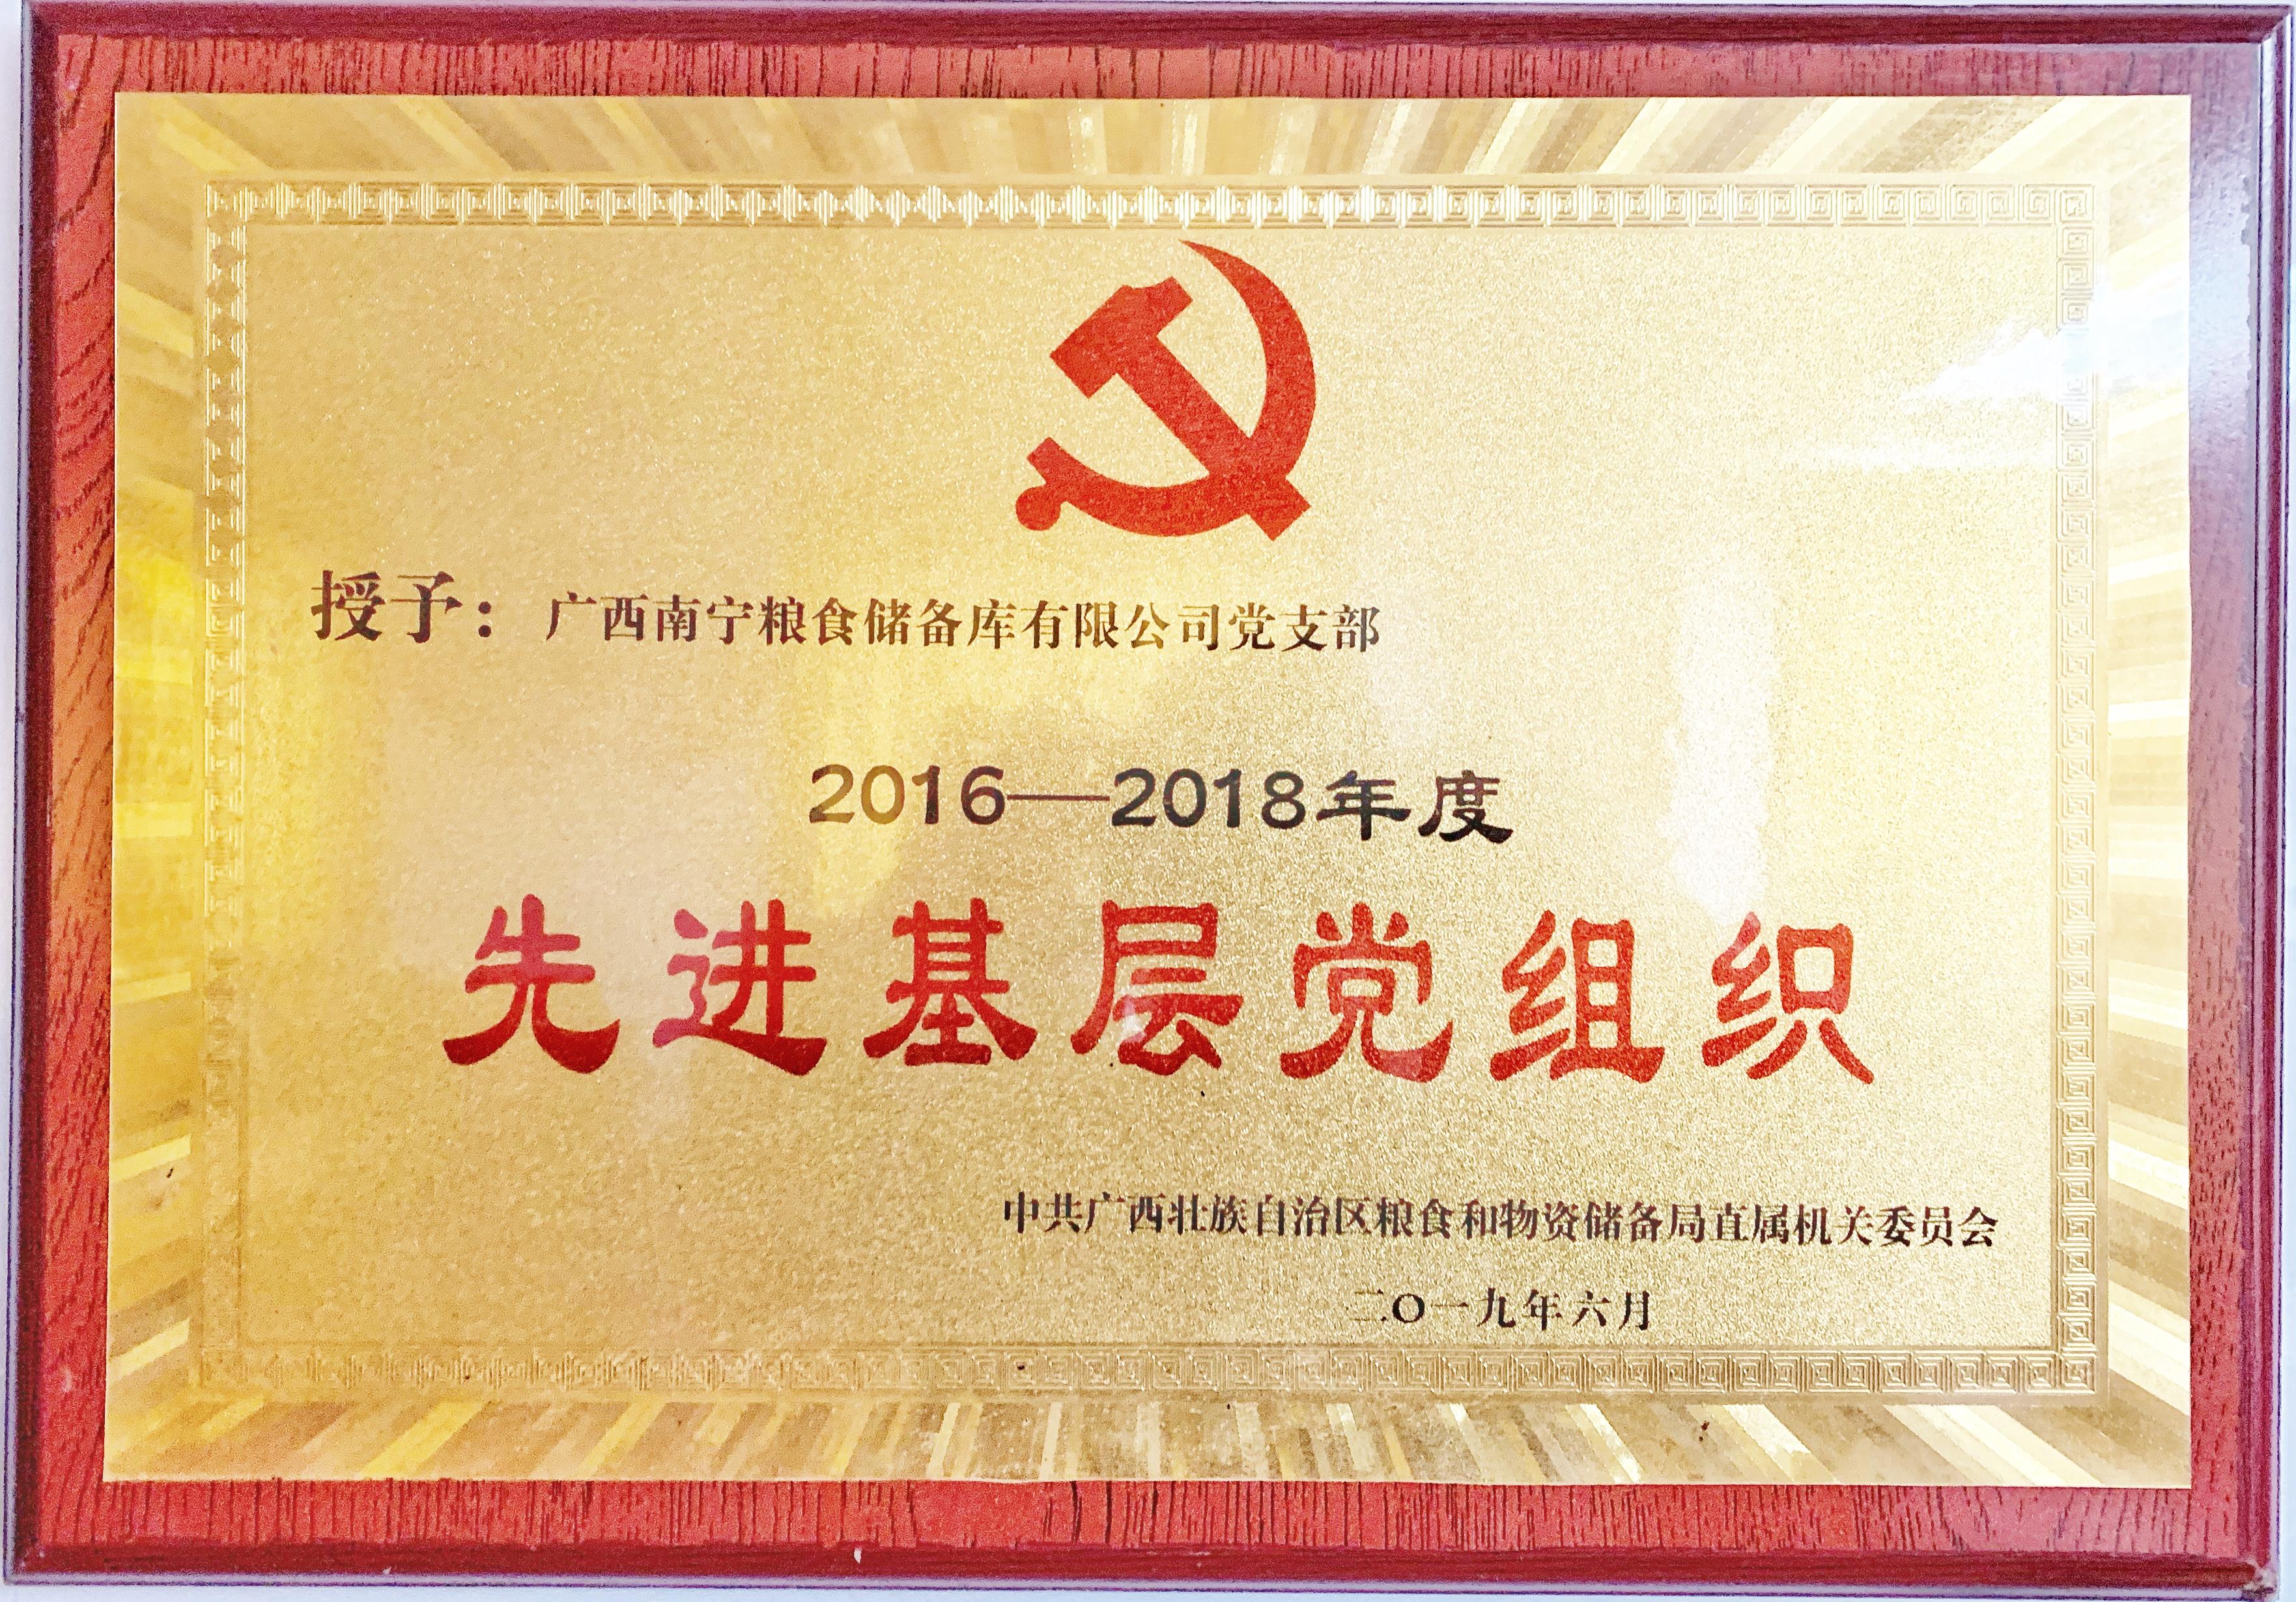 先进基层党组织(自治区粮食和物资储备局2016--2018).jpg